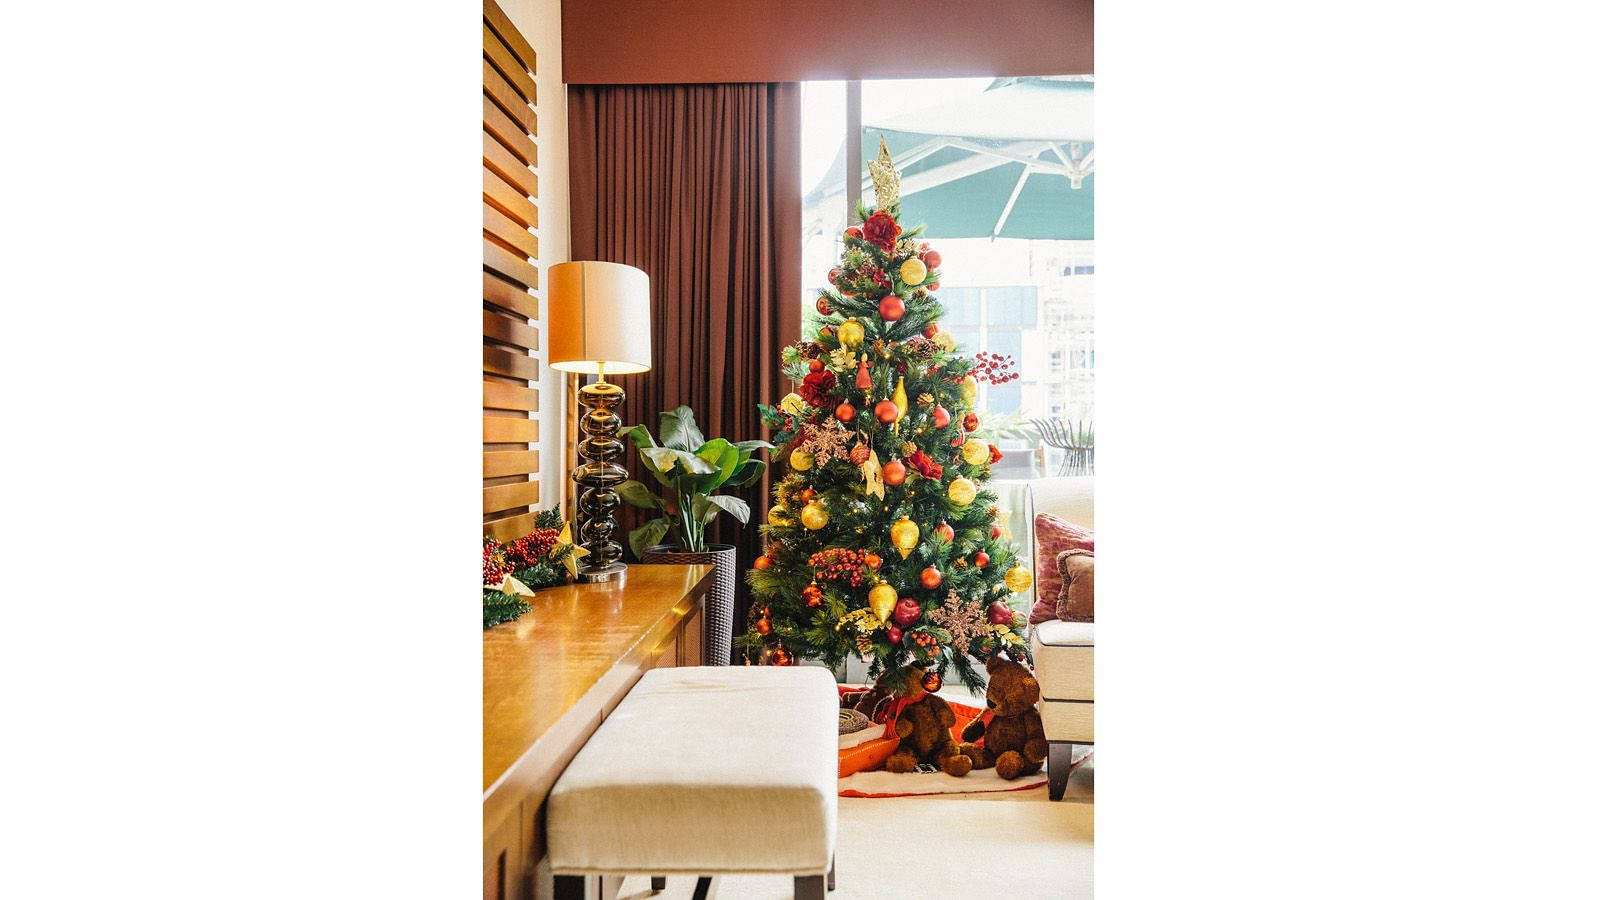 Christmas Decor Ideas For The Home Home Decor Singapore